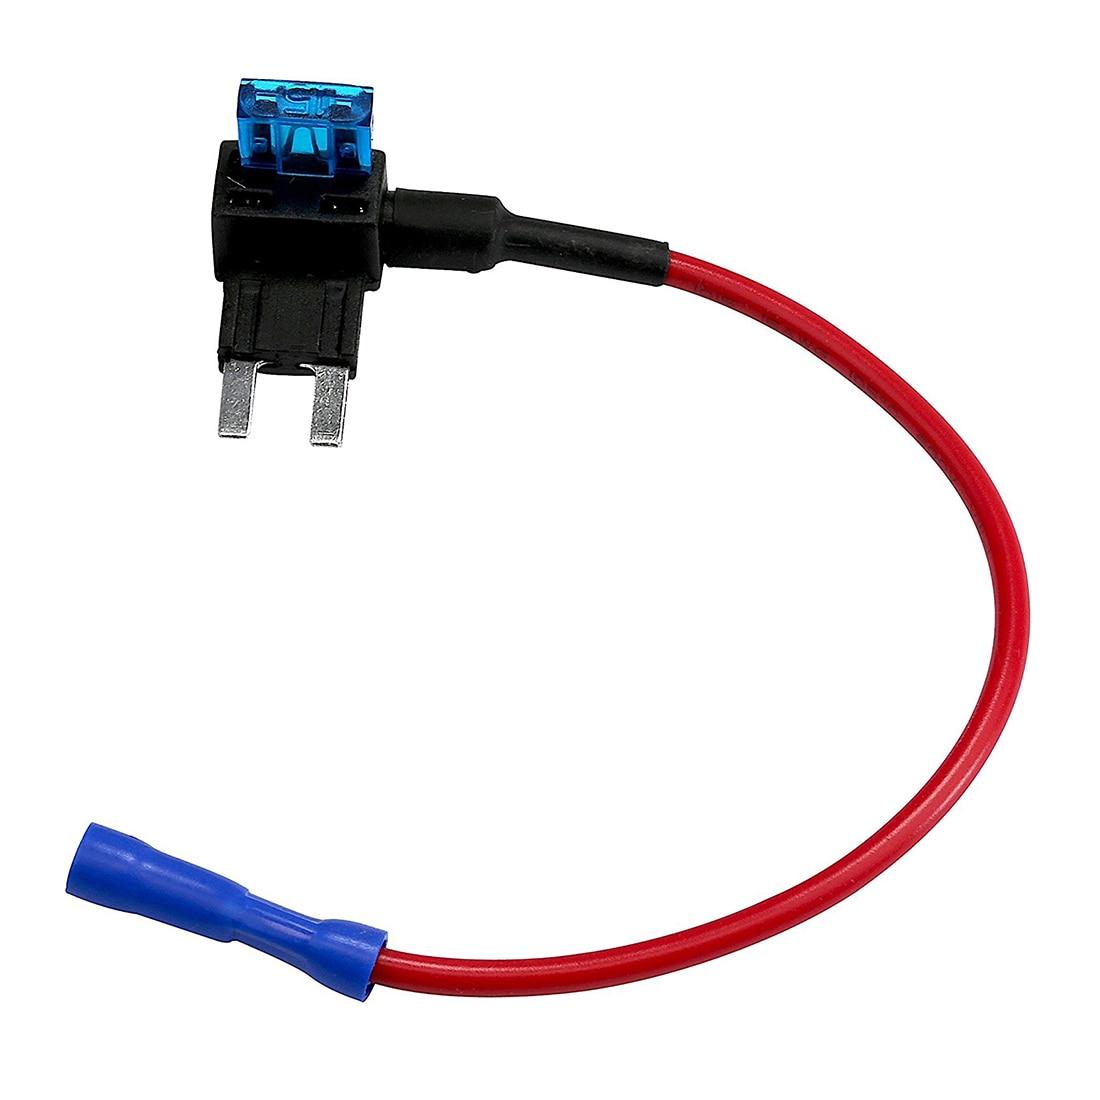 10 ПАК-12 V автомобильный дополнительный-а-цепи предохранитель кран адаптер Мини ATM, APM лезвие держатель предохранителя